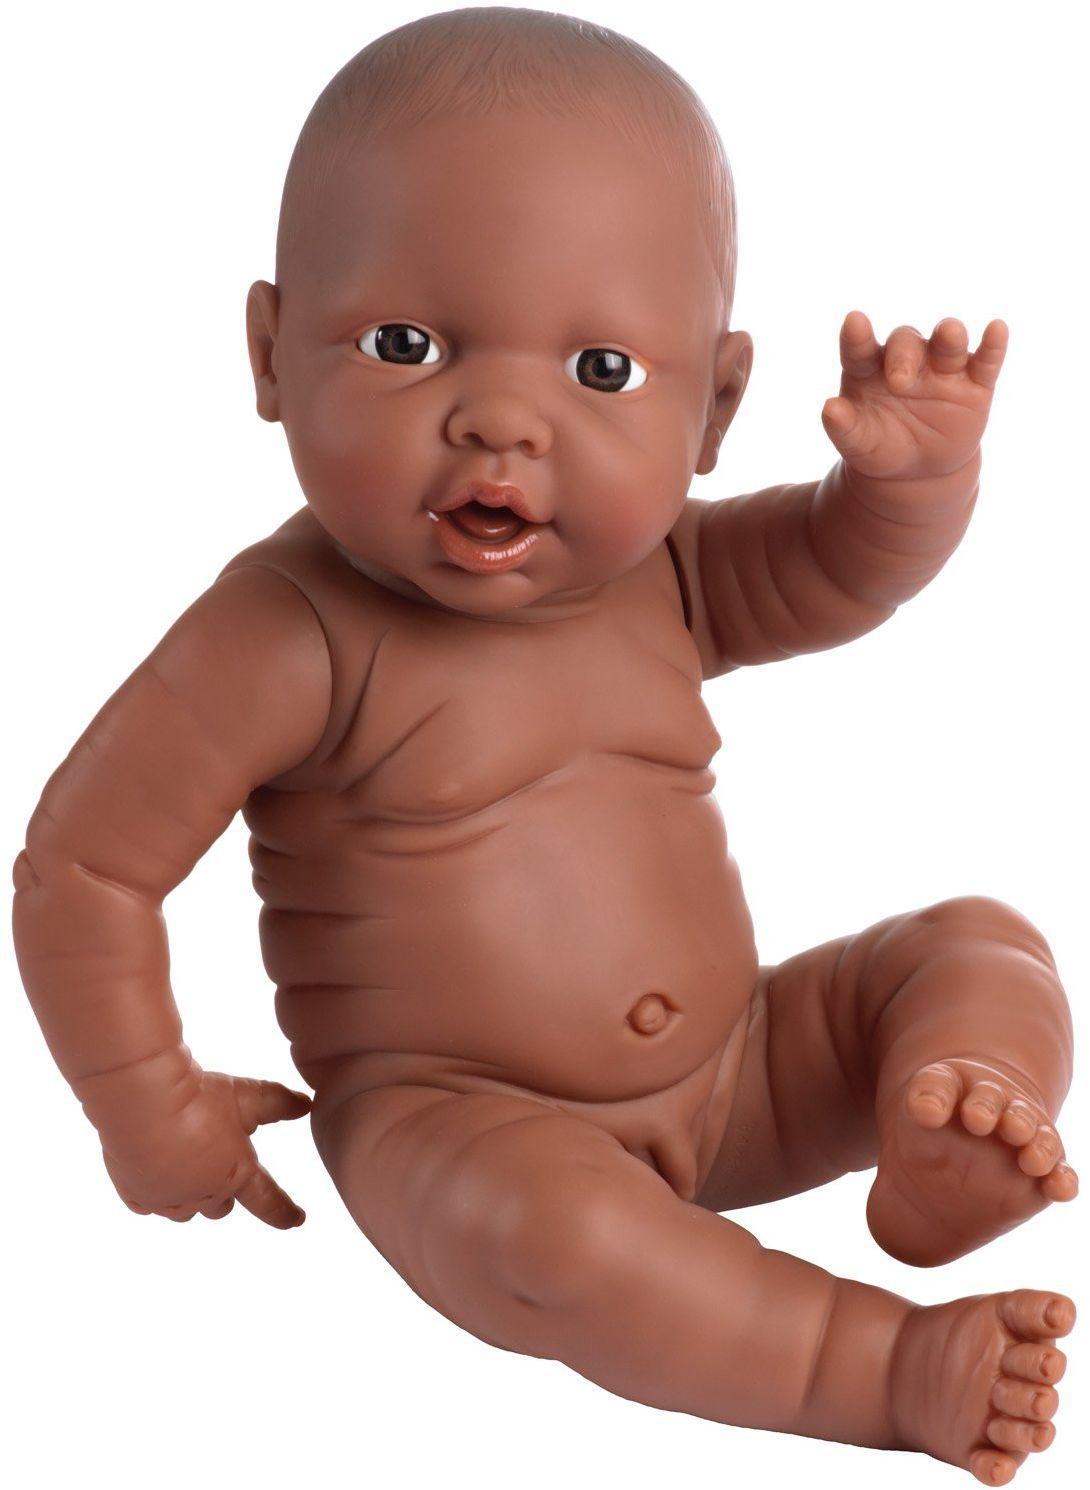 Bayer Design 94200AB lalka dla noworodków, chłopca, realistyczna, 42 cm, ciemna skóra